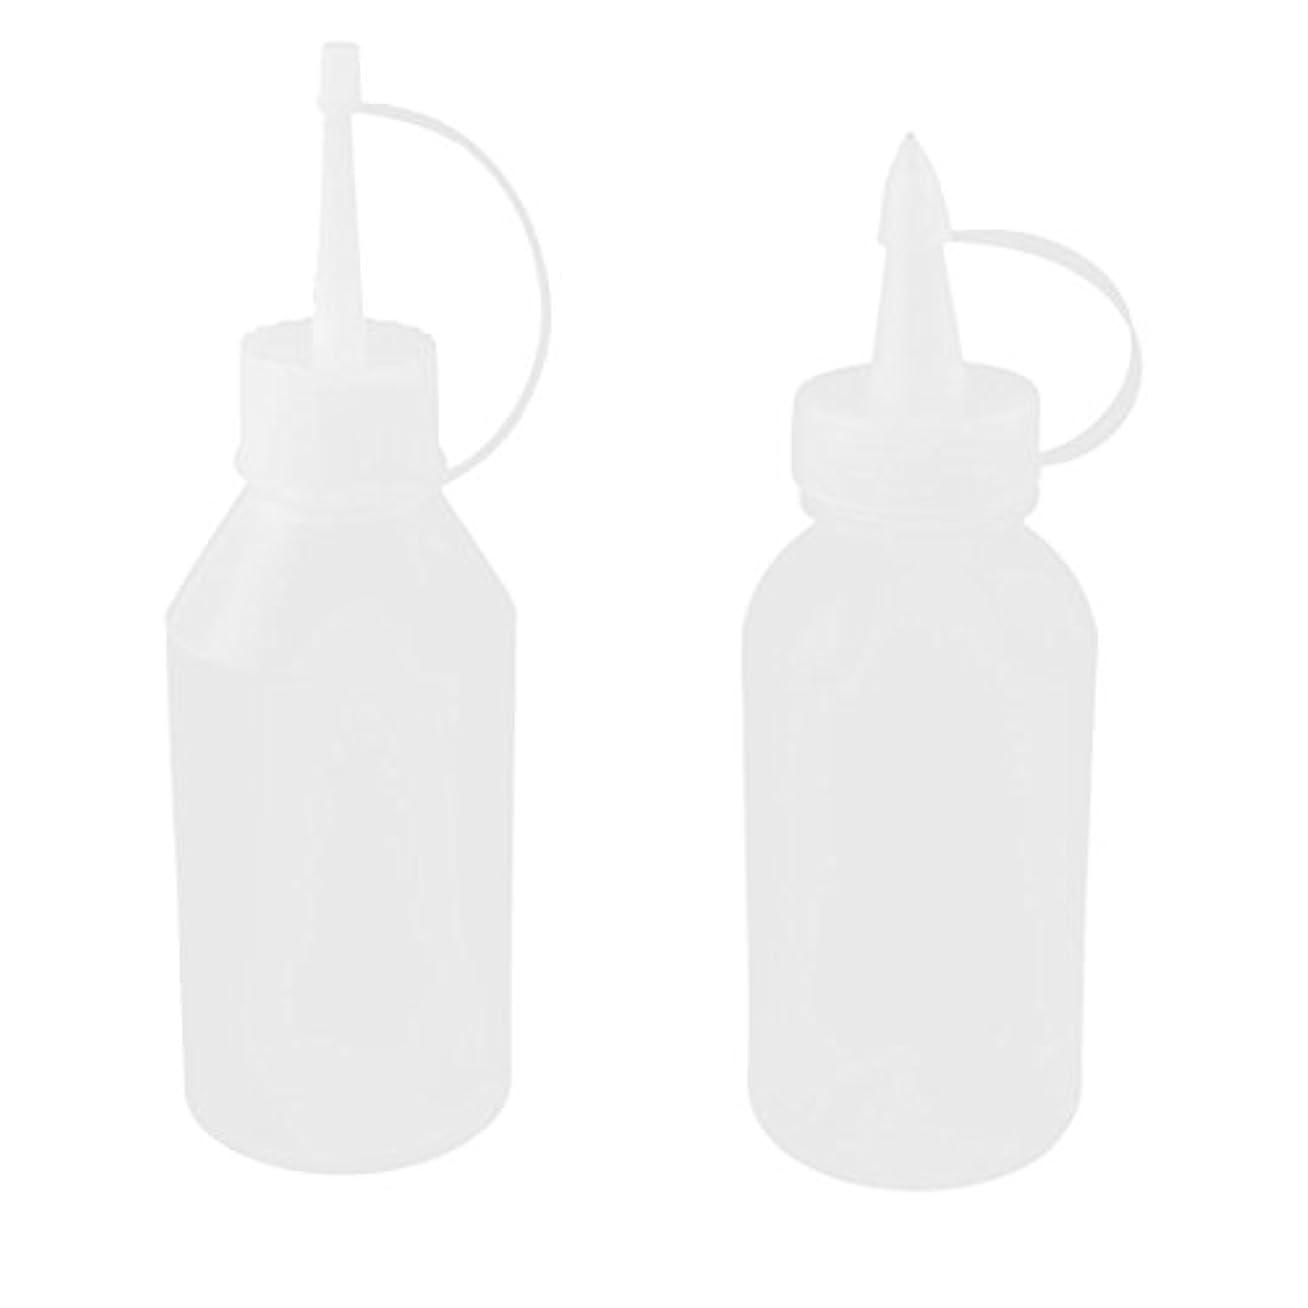 ひいきにする天のボーダーuxcell オイルボトル 油差し プラスチック 100ml ホワイト クリア 2個